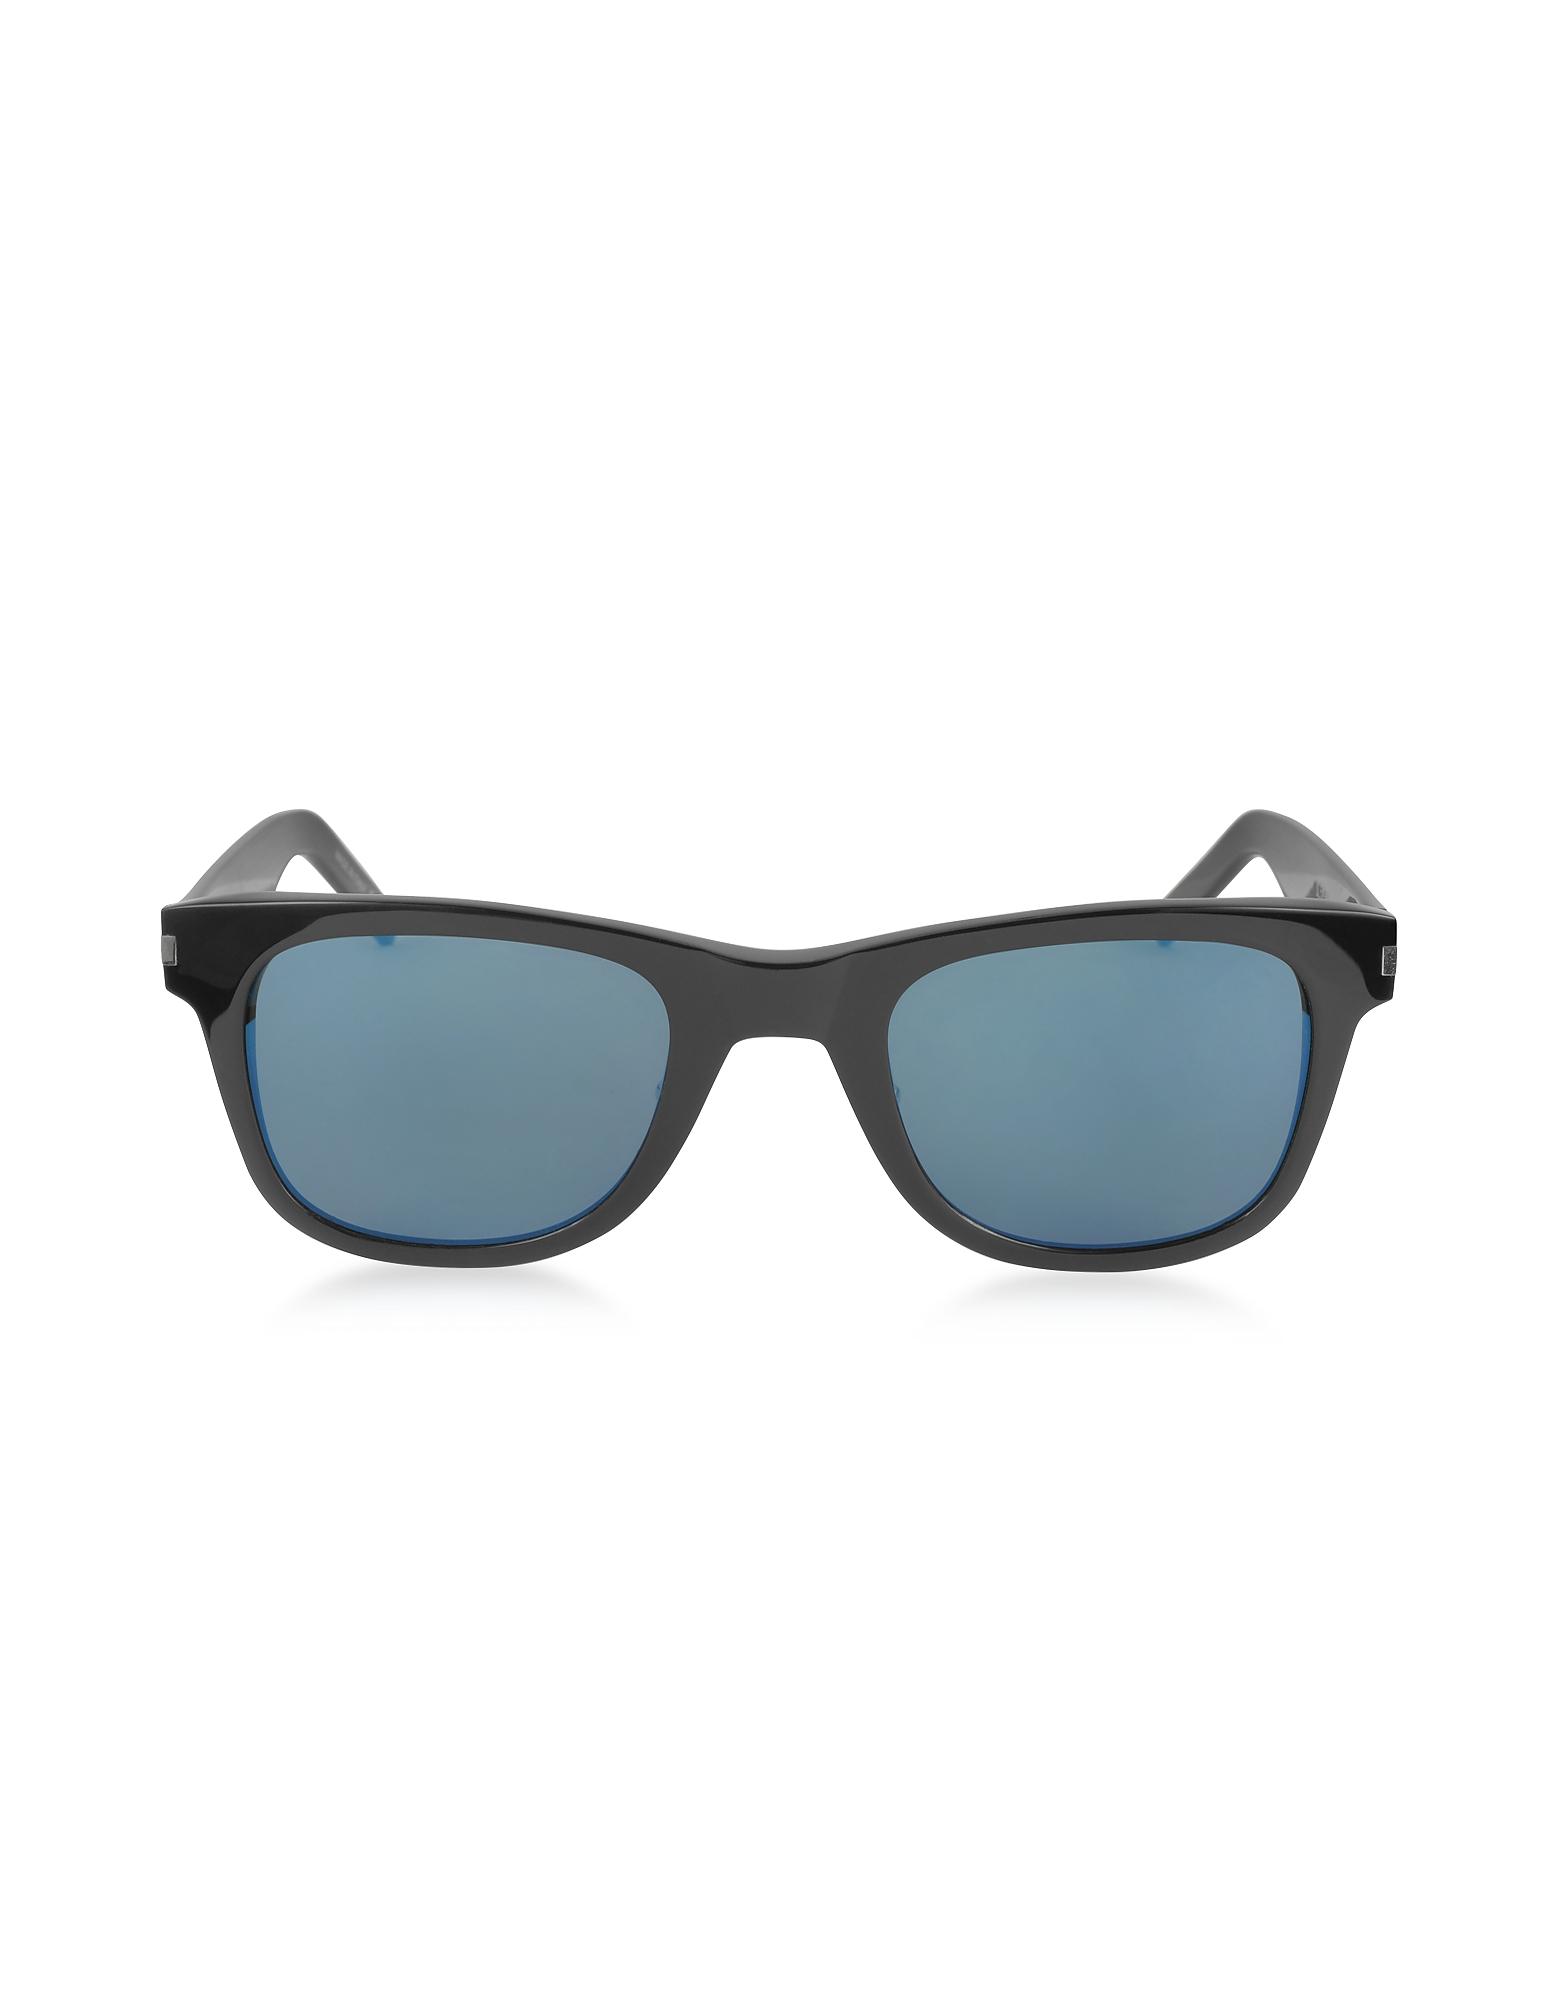 SL51 - Тонкие Черные Женские Солнечные Очки в Металлической Оправе